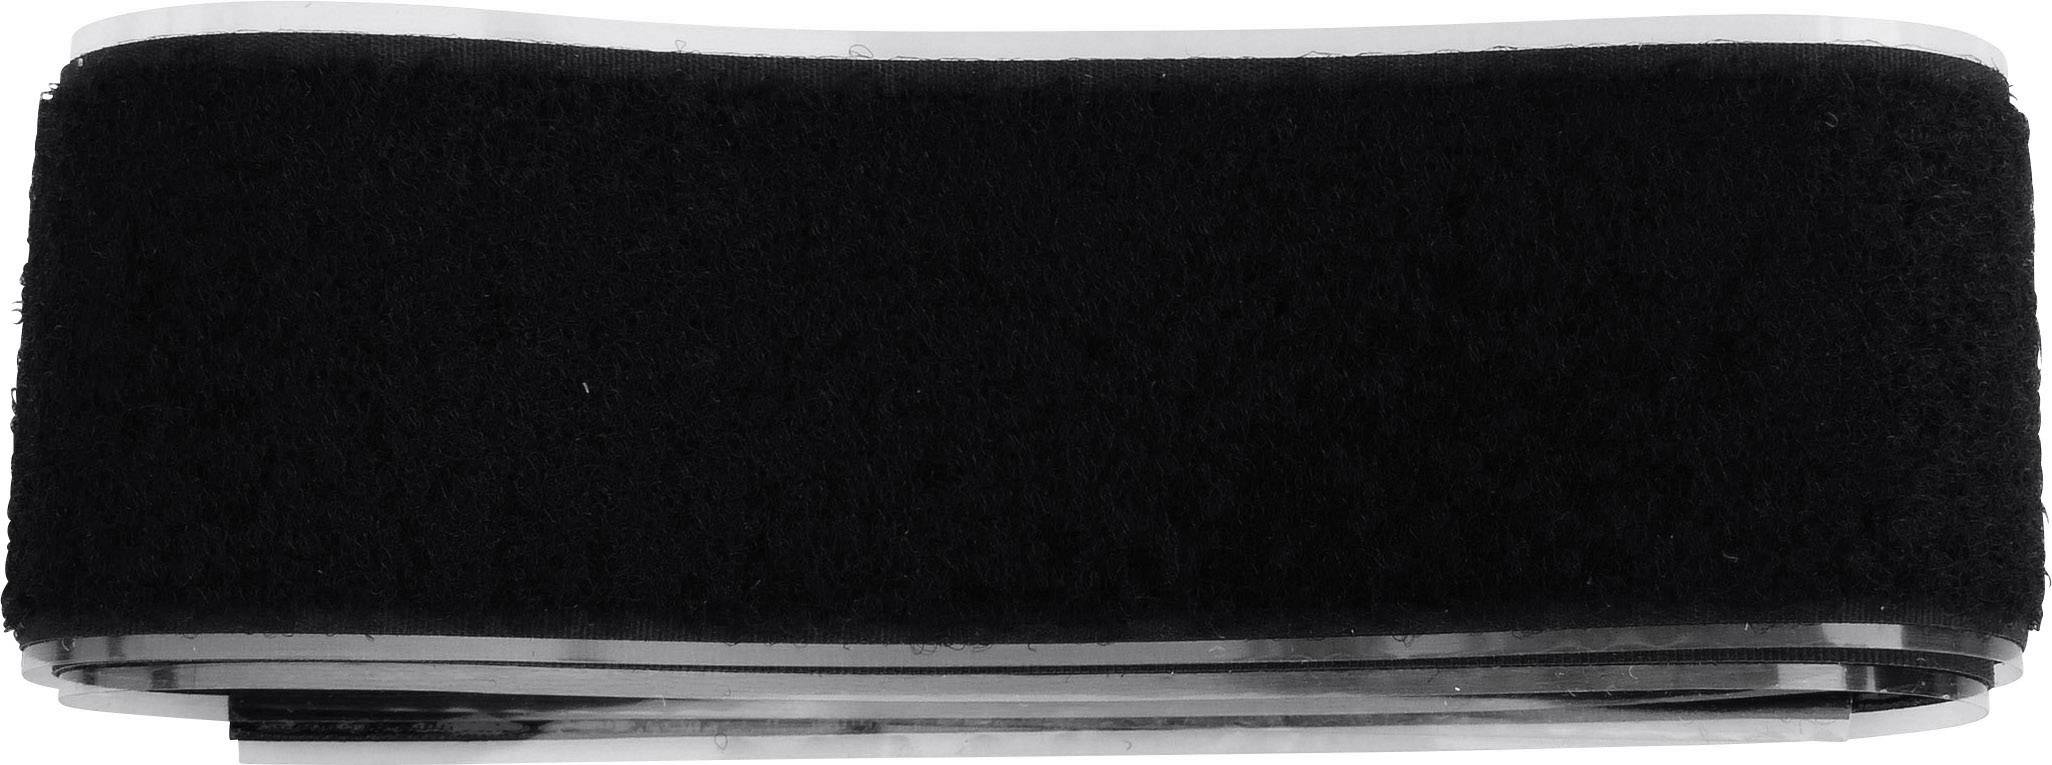 Lepiaci pásik so suchým zipsom TRU COMPONENTS 919-9999-Bag, čierna, 1 pár